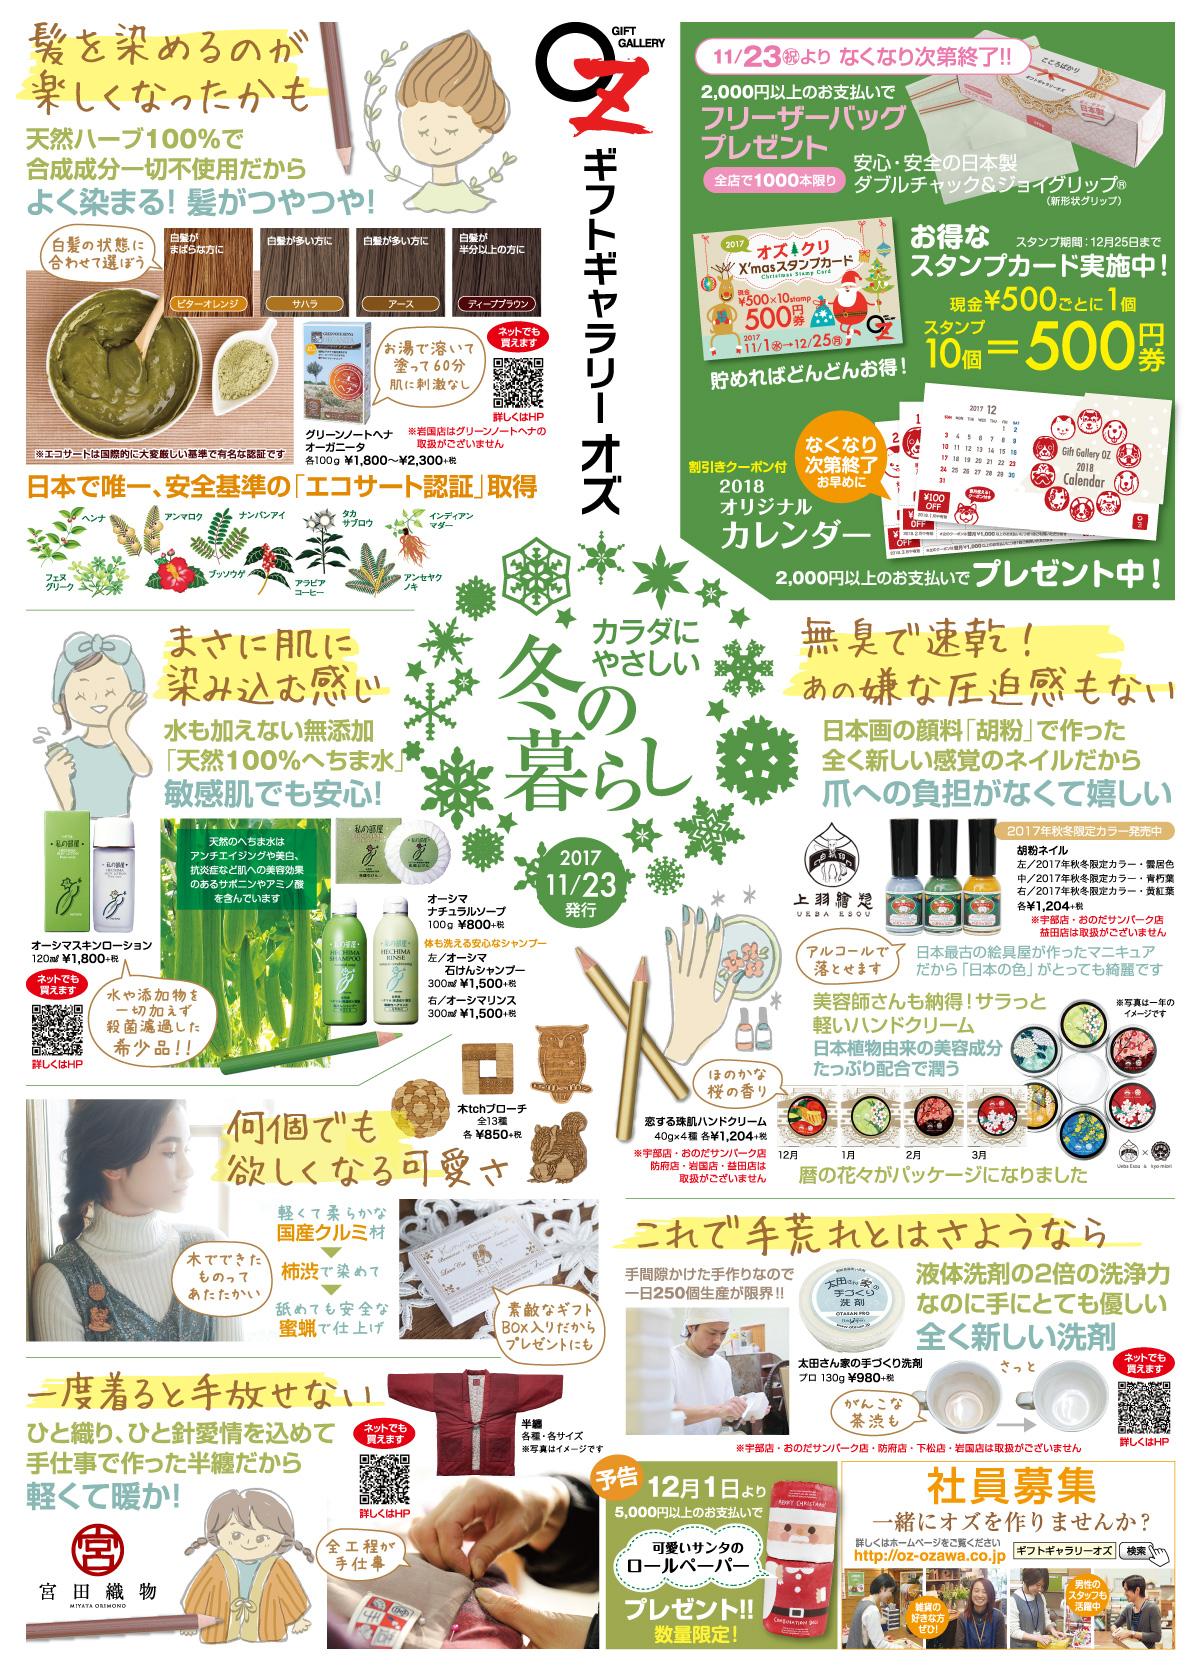 カラダにやさしい冬の暮らし 特集(2017/11/23~)